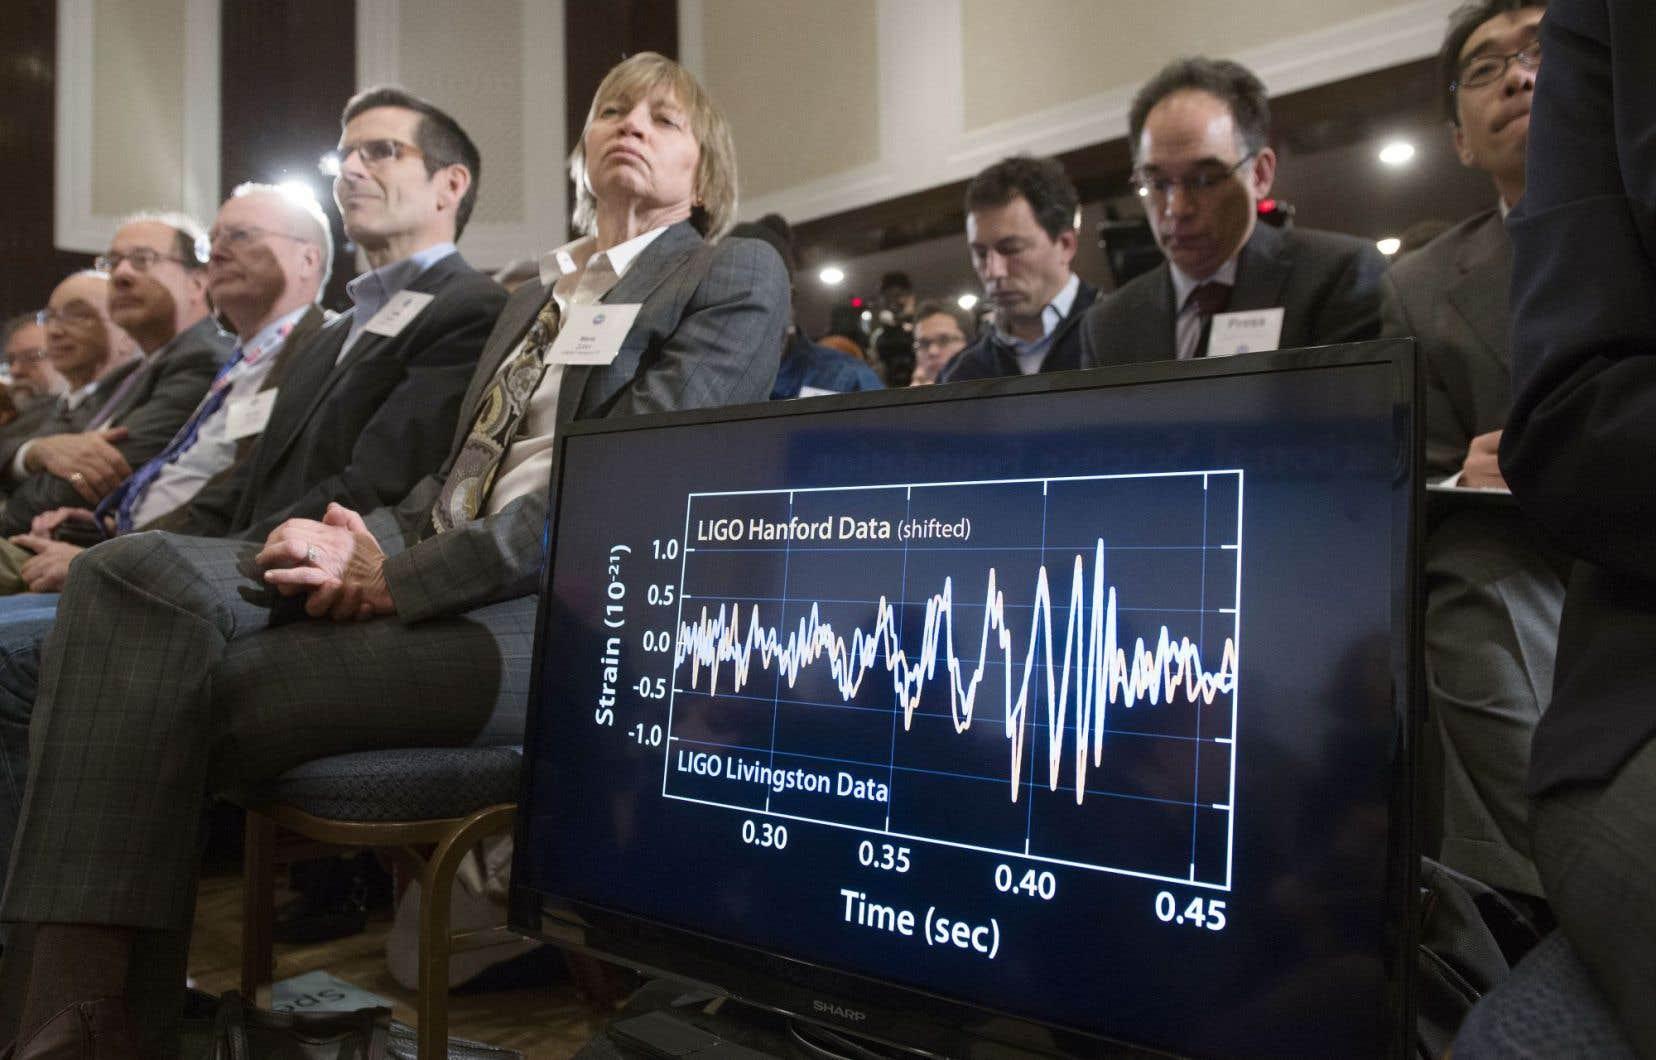 Les chercheurs étaient euphoriques quand ils ont annoncé, le 11février 2016, en conférence de presse à Washington, que les deux détecteurs du Laser Interferometer Gravitational-Wave Observatory situés aux États-Unis avaient enregistré pour la première fois des ondes gravitationnelles.